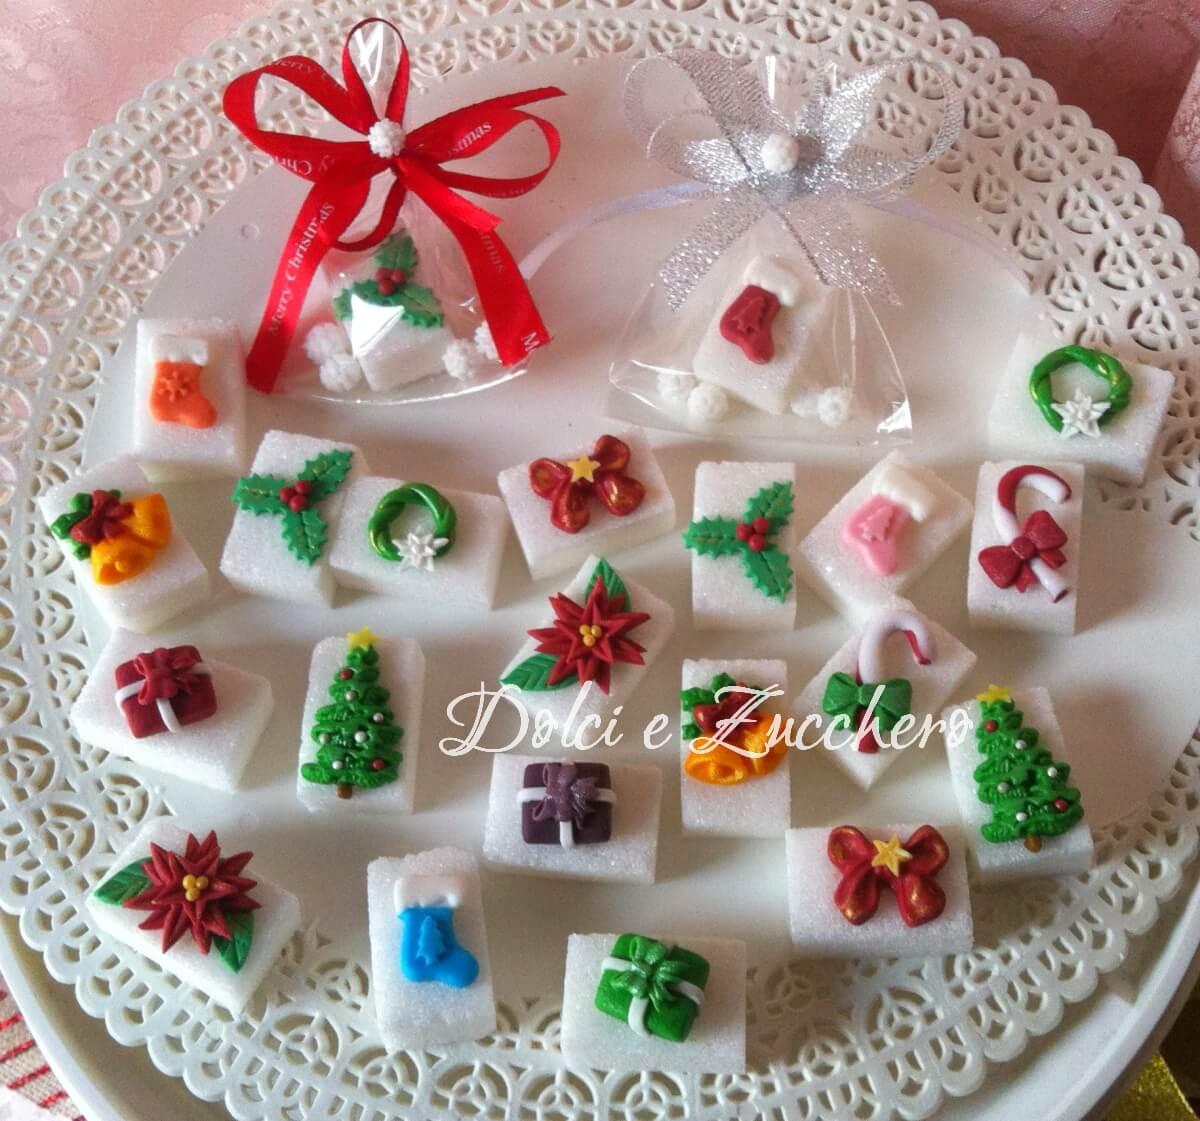 Idee di natale di zucchero originali dolci e zucchero - Idee addobbo tavola natale ...